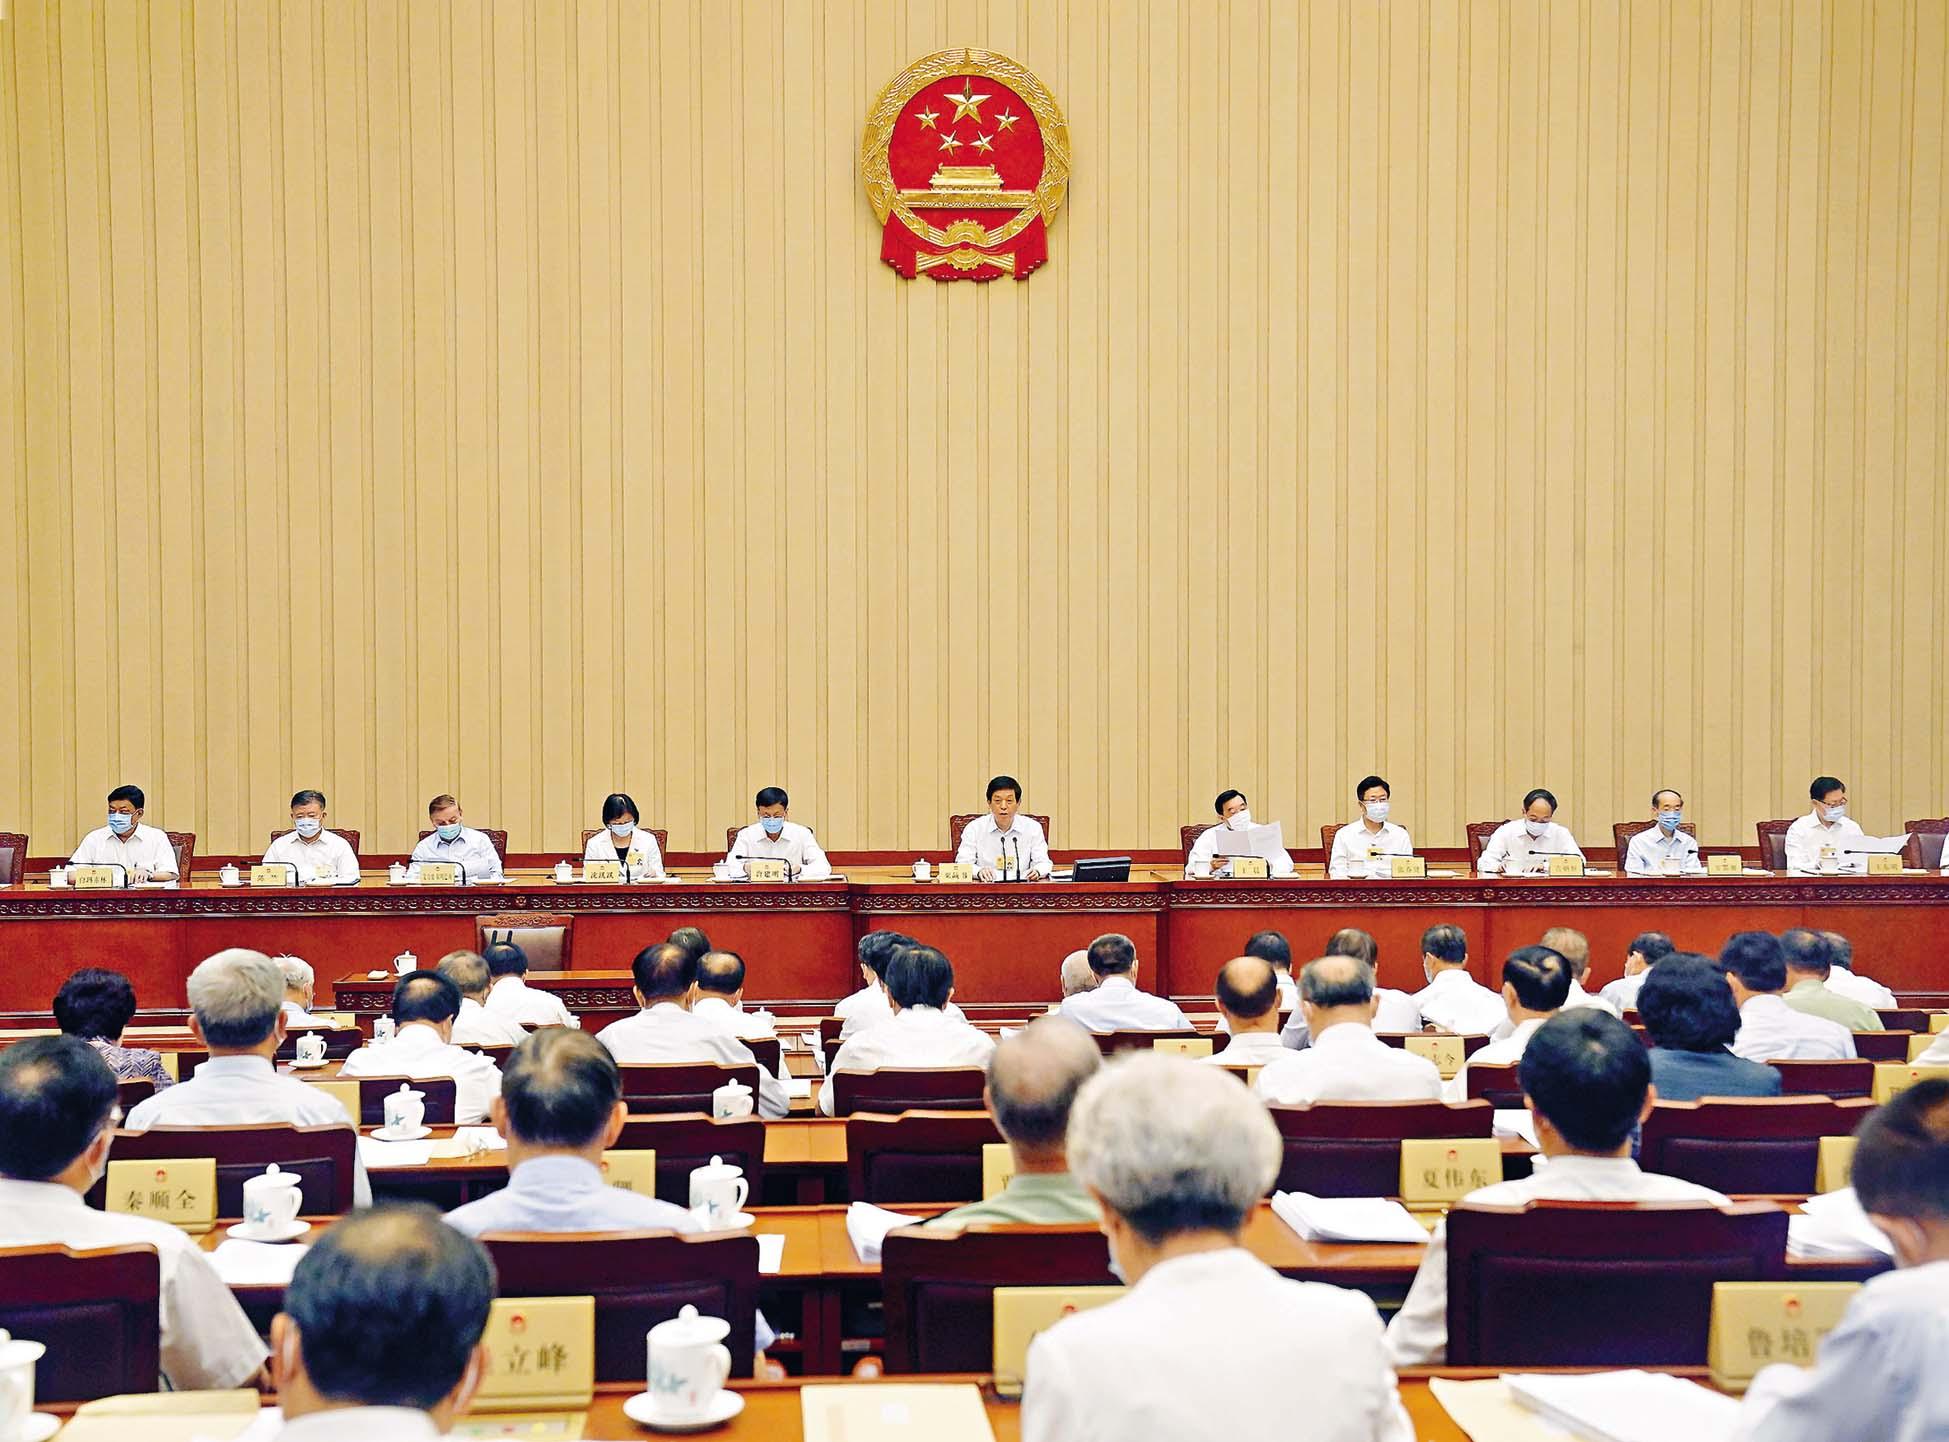 全國人大常委會會議今日閉幕,常委會料於今日上午就《港區國安法》草案進行表決。